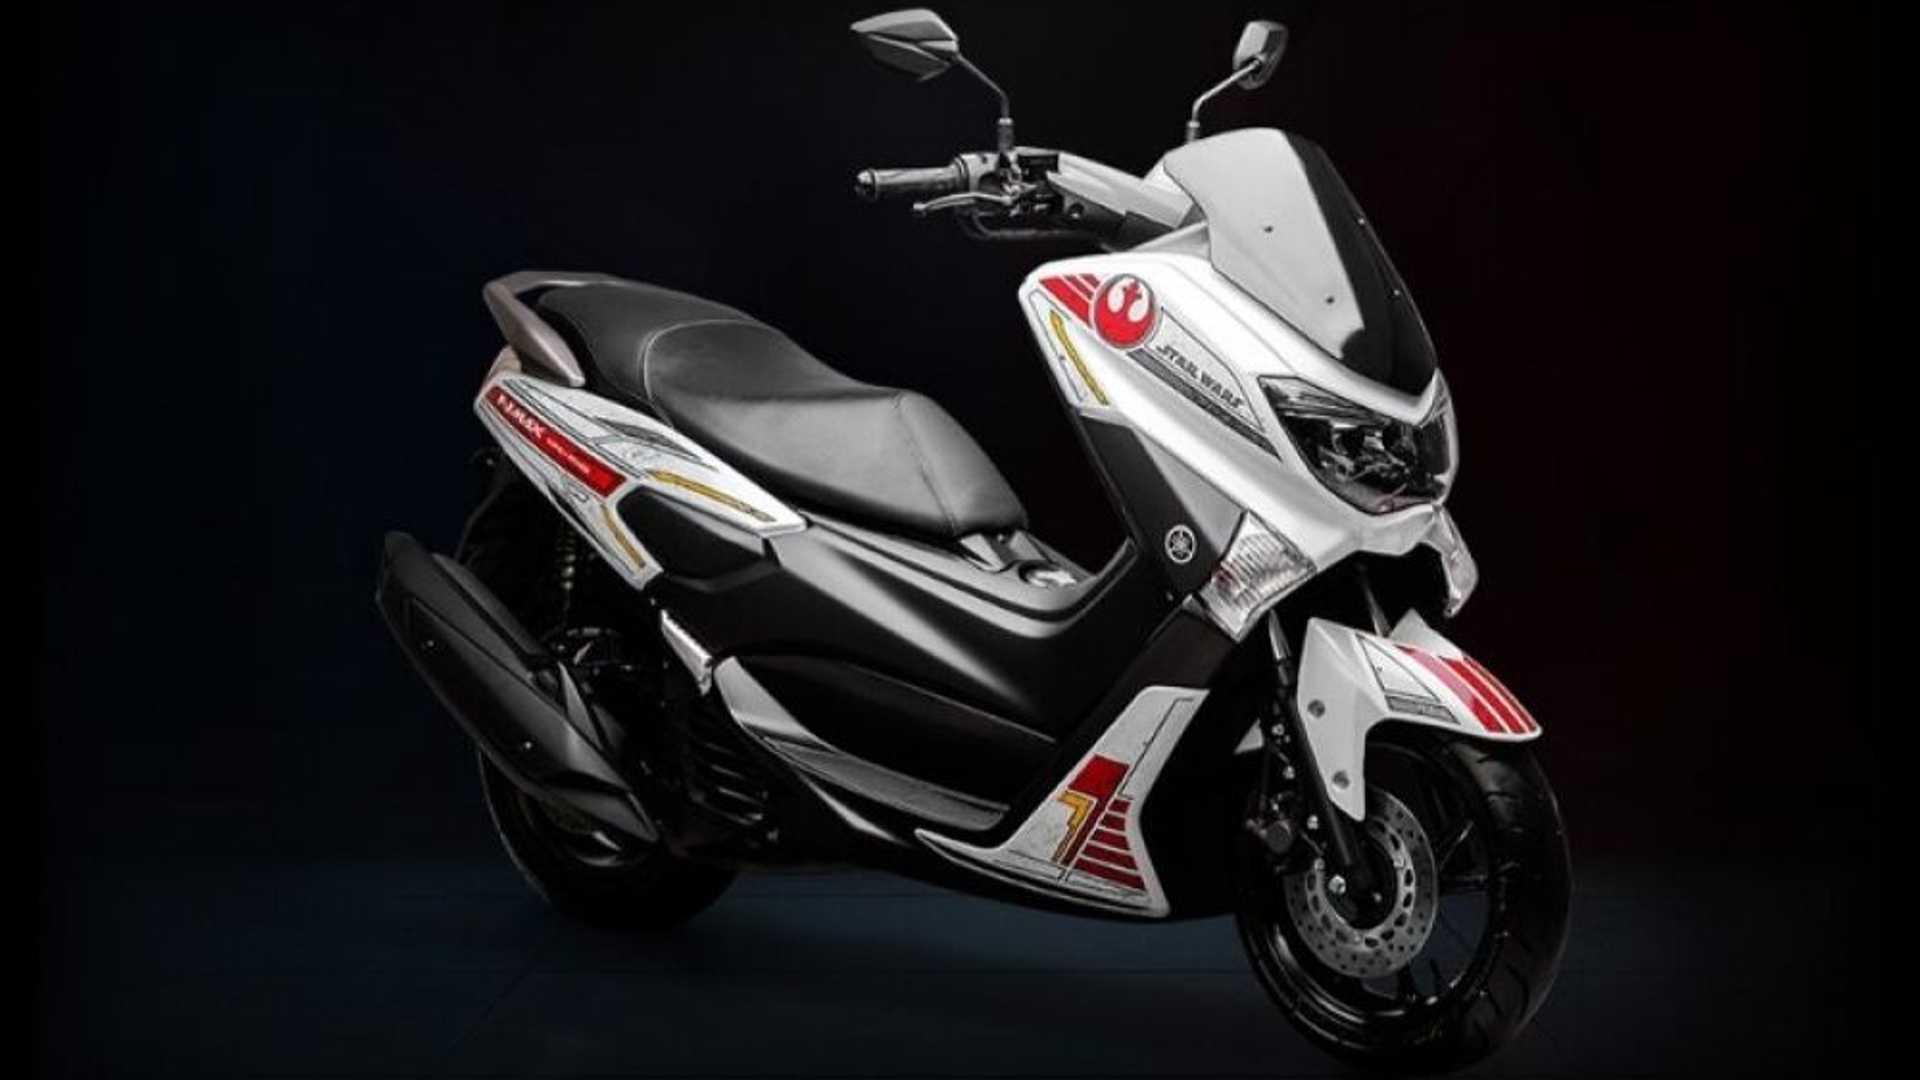 imptag:Yamaha NMAX 2021,Yamaha NMAX 2021,yamaha nmax 2021 price philippines,yamaha nmax 2021 philippines,yamaha nmax 2021 price philippines installment,yamaha nmax 2021 malaysia,yamaha nmax 2021 colors,yamaha nmax 2021 specs,yamaha nmax 2021 harga,yamaha nmax 2021 malaysia price,yamaha nmax 2021 indonesia